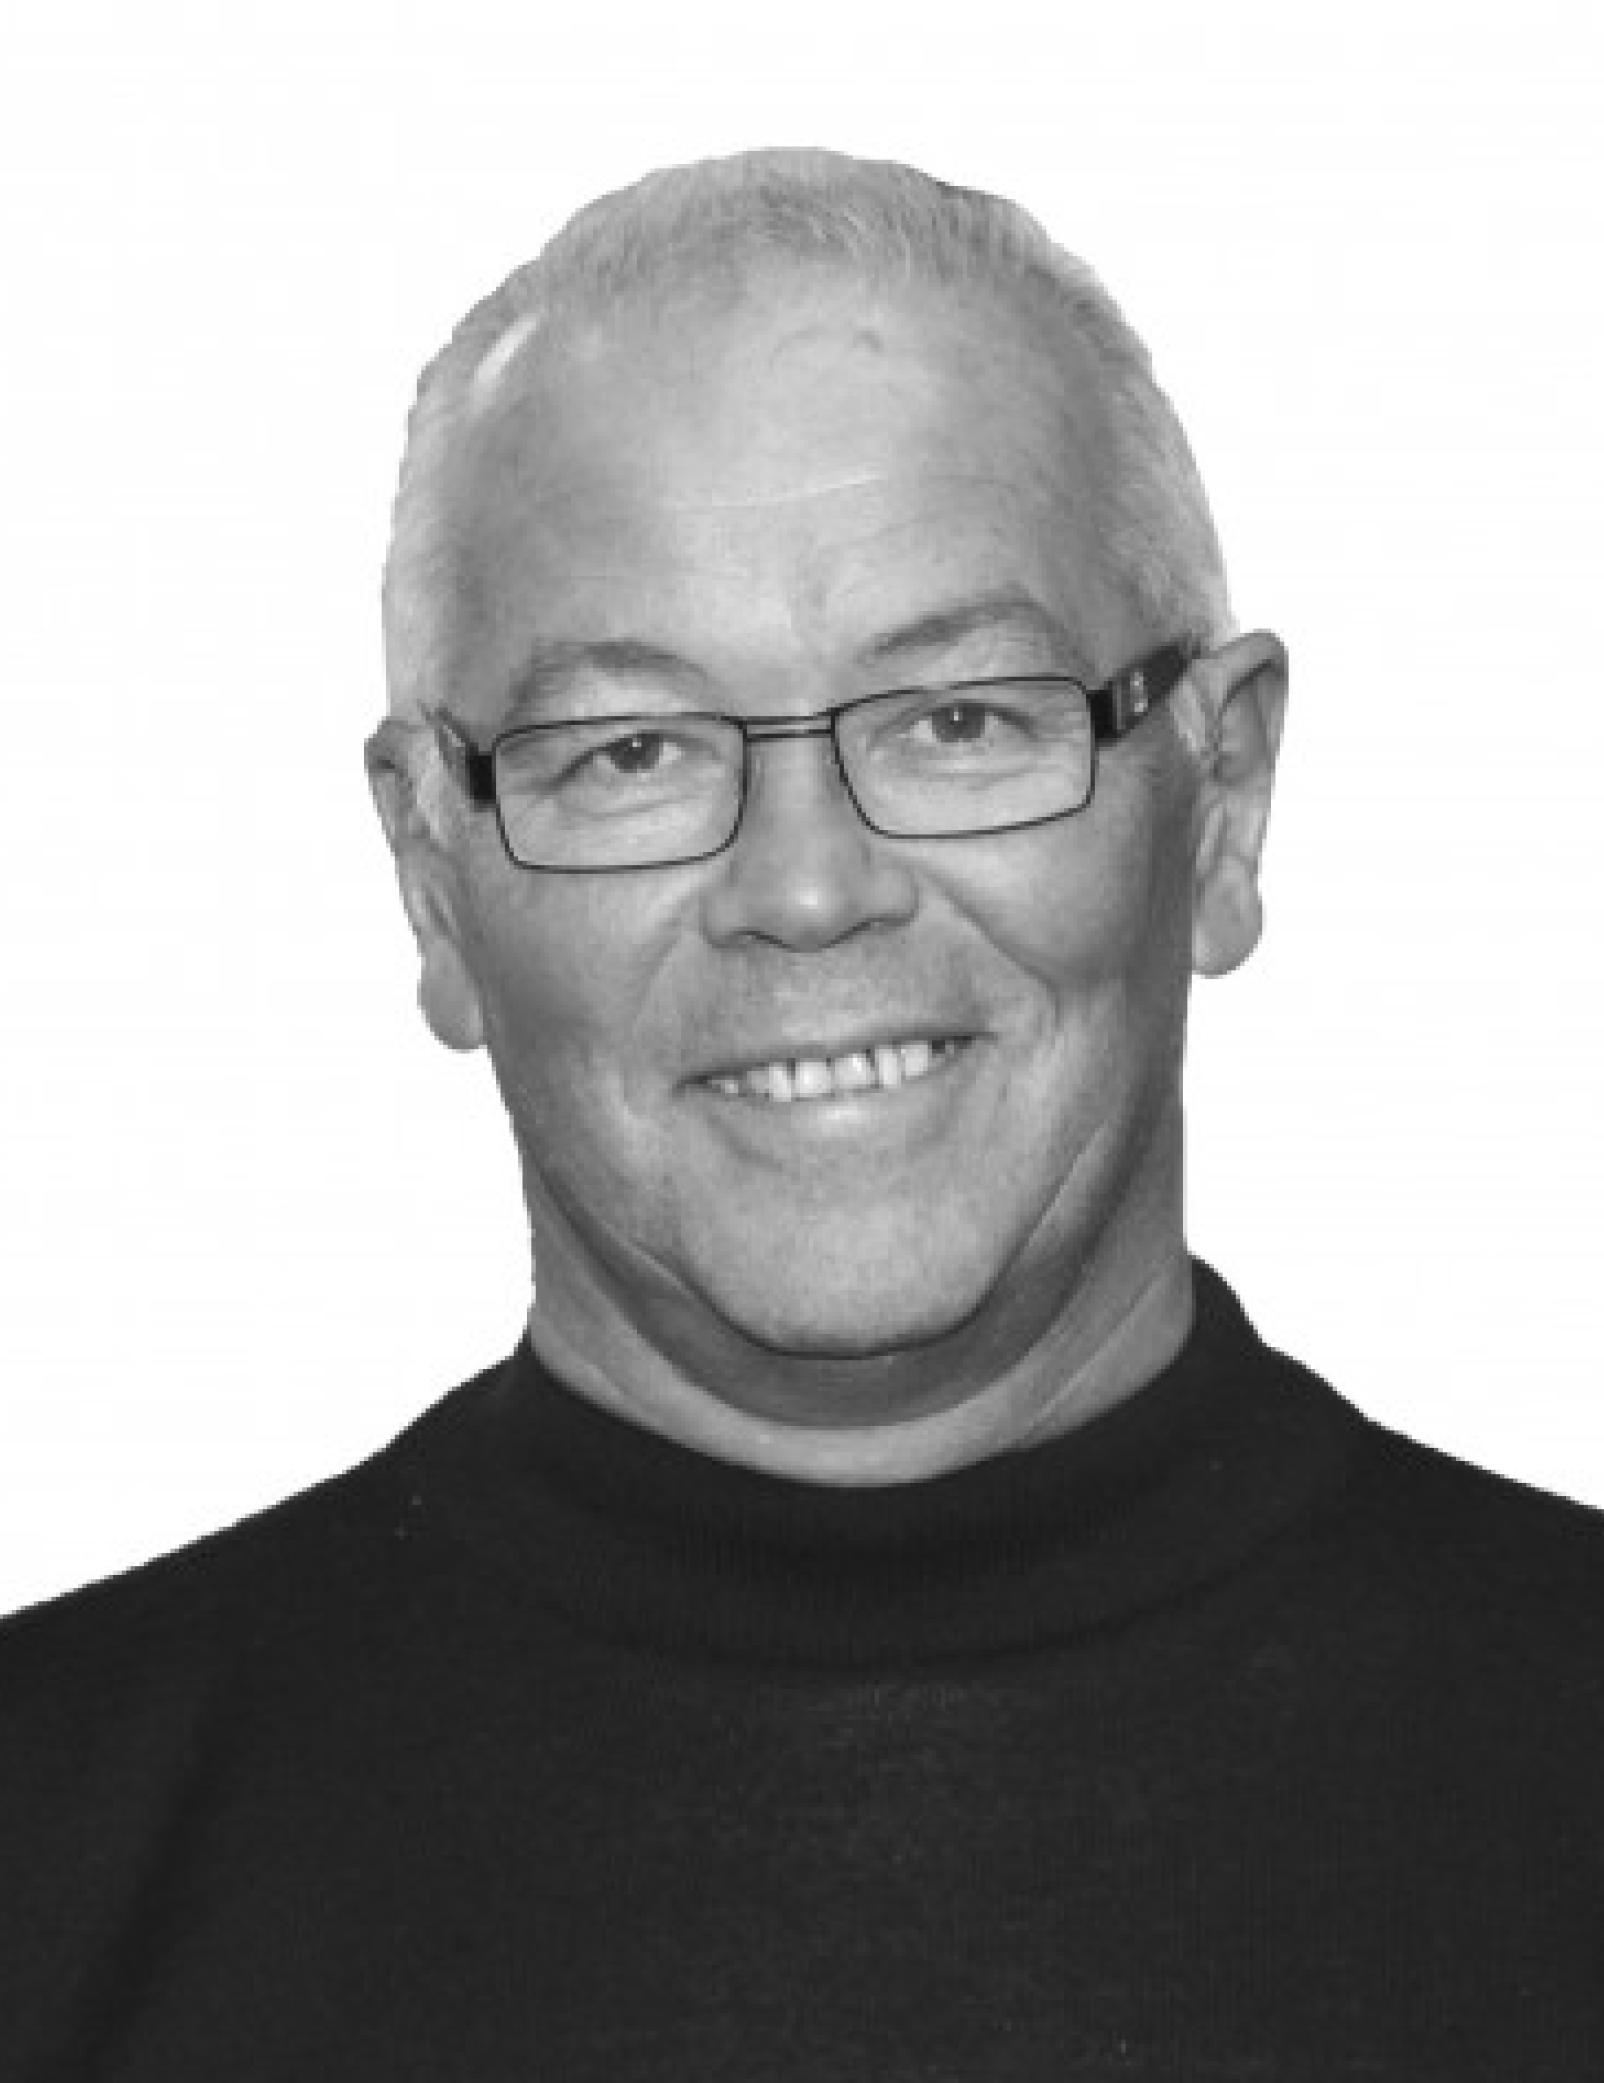 Bjørn Helge Gundersen - DeloitteBjørn Helge Gundersen er direktør i Deloitte Norge. Han er utdannet klinisk psykolog (cand. Psych). Han har hatt lederstillinger både i privat og offentlig sektor, inkludert fem år som adm. dir. for AFF (Administrative Research Foundation).